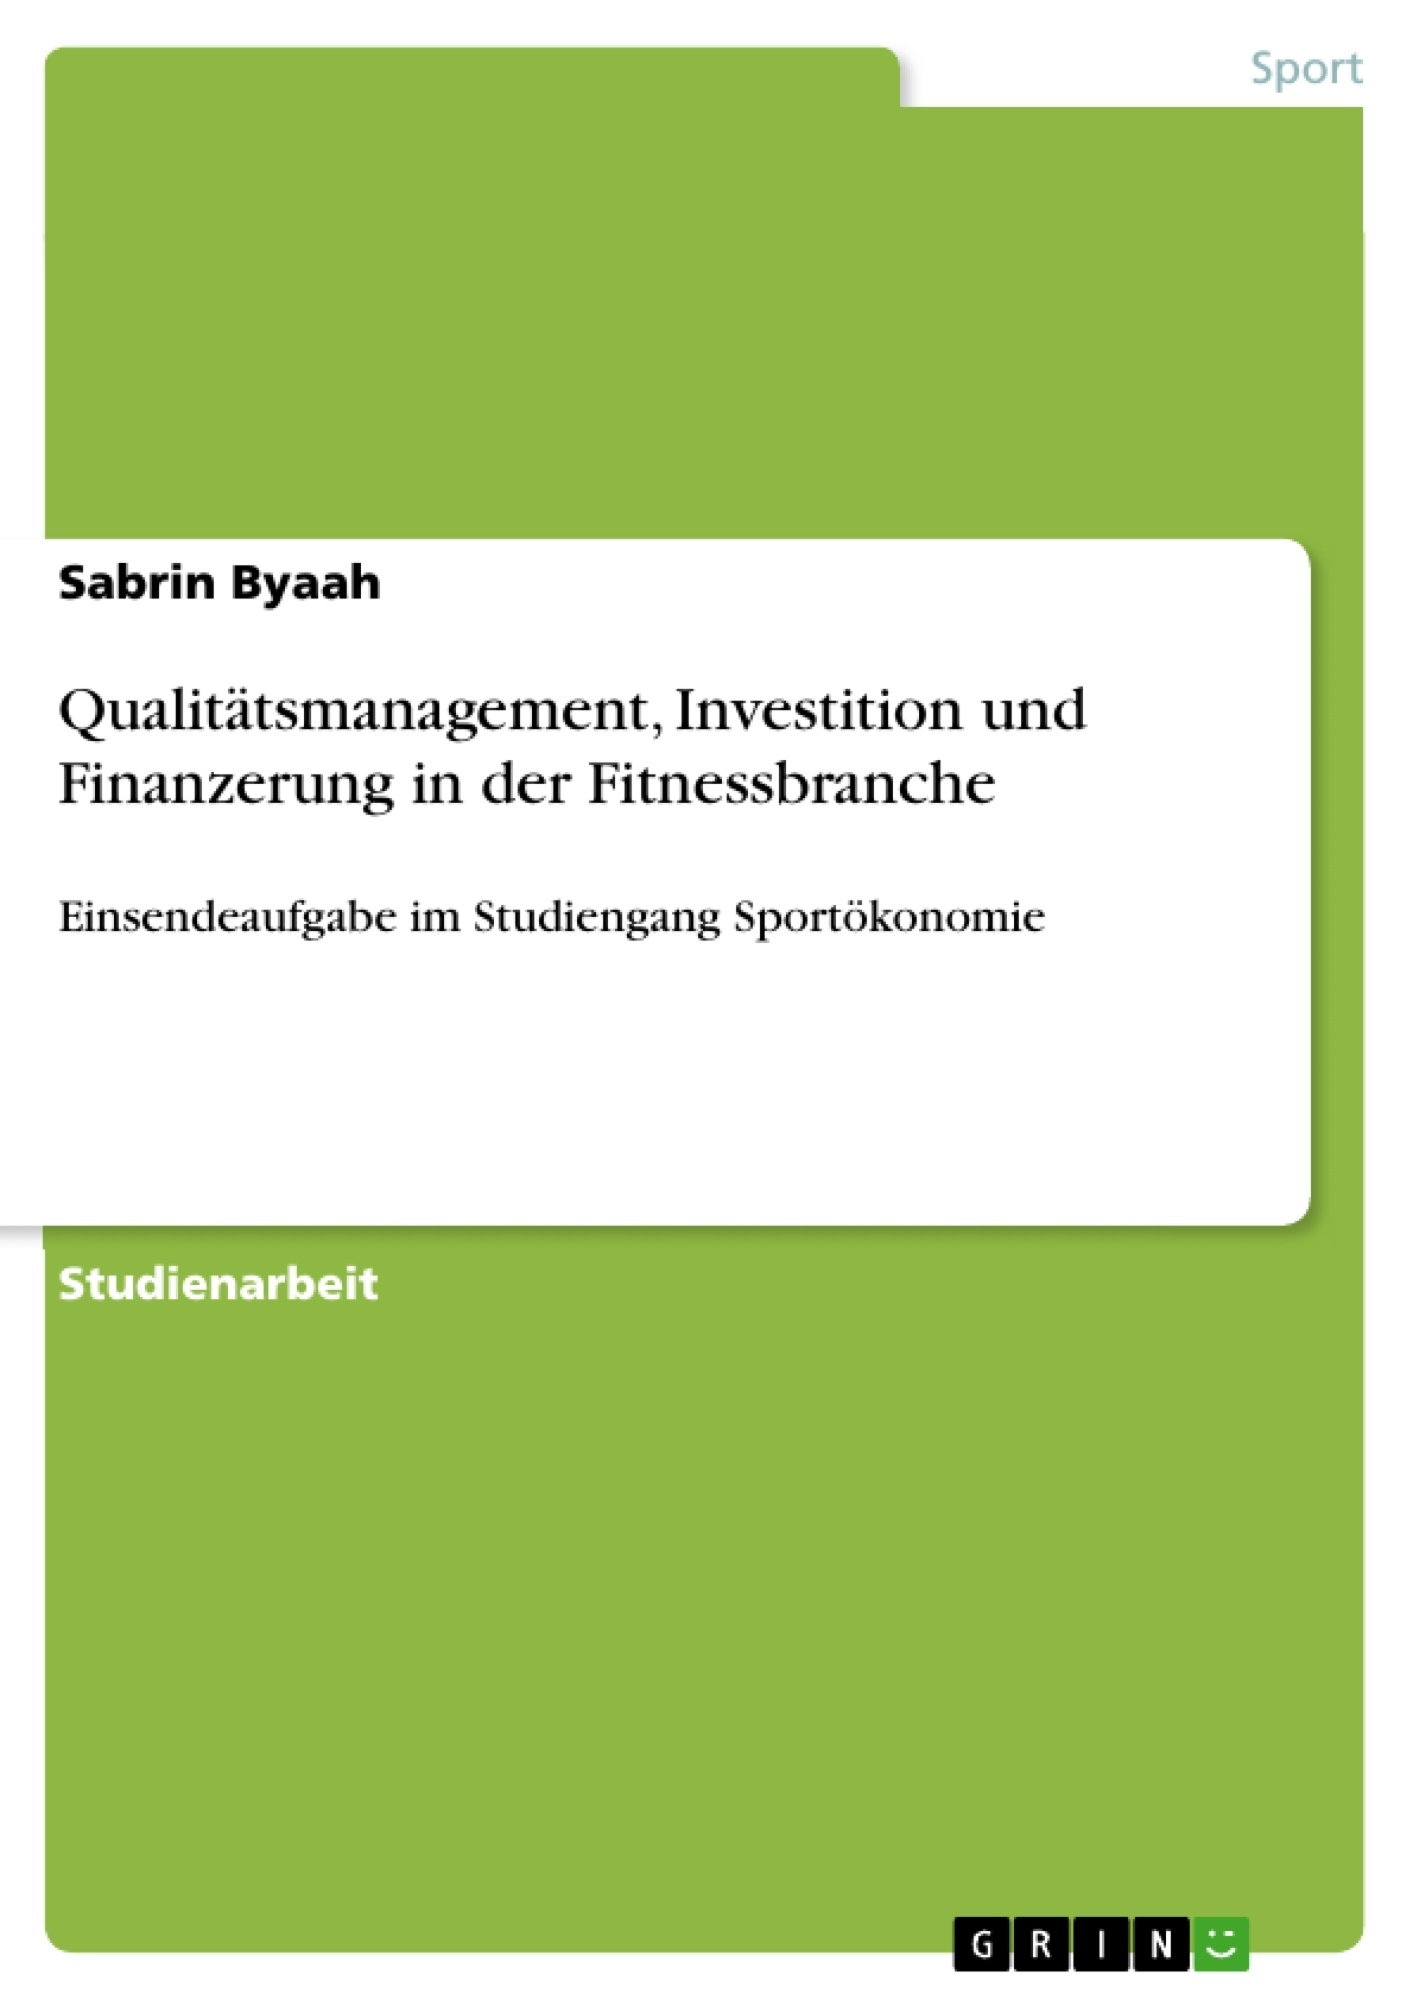 Titel: Qualitätsmanagement, Investition und Finanzerung in der Fitnessbranche